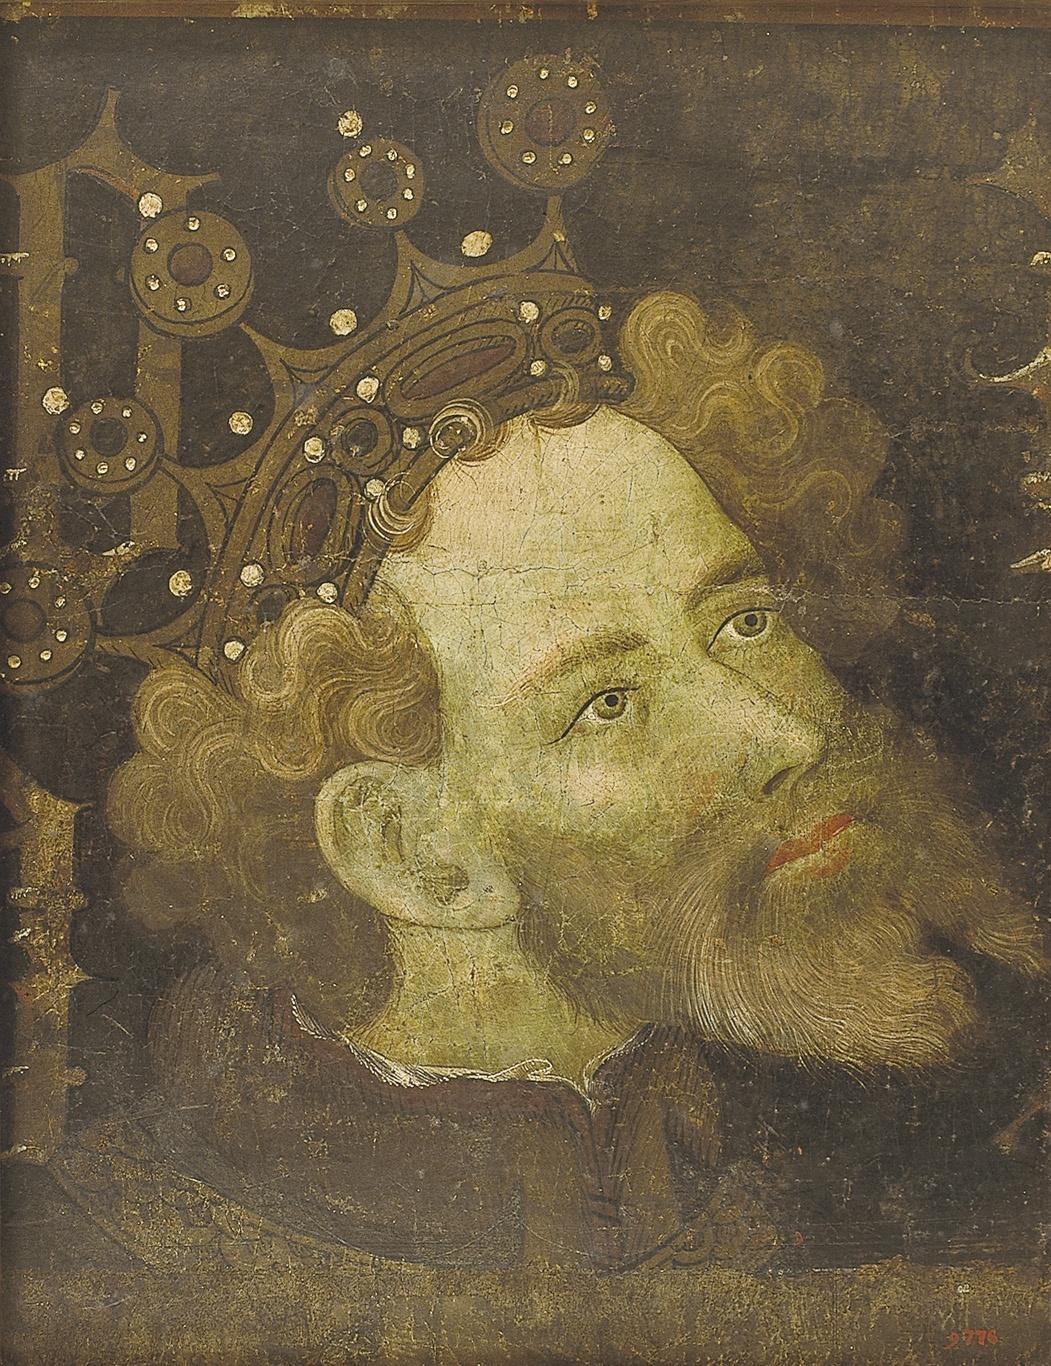 Jaume Mateu - Pere III el Cerimoniós - 1427